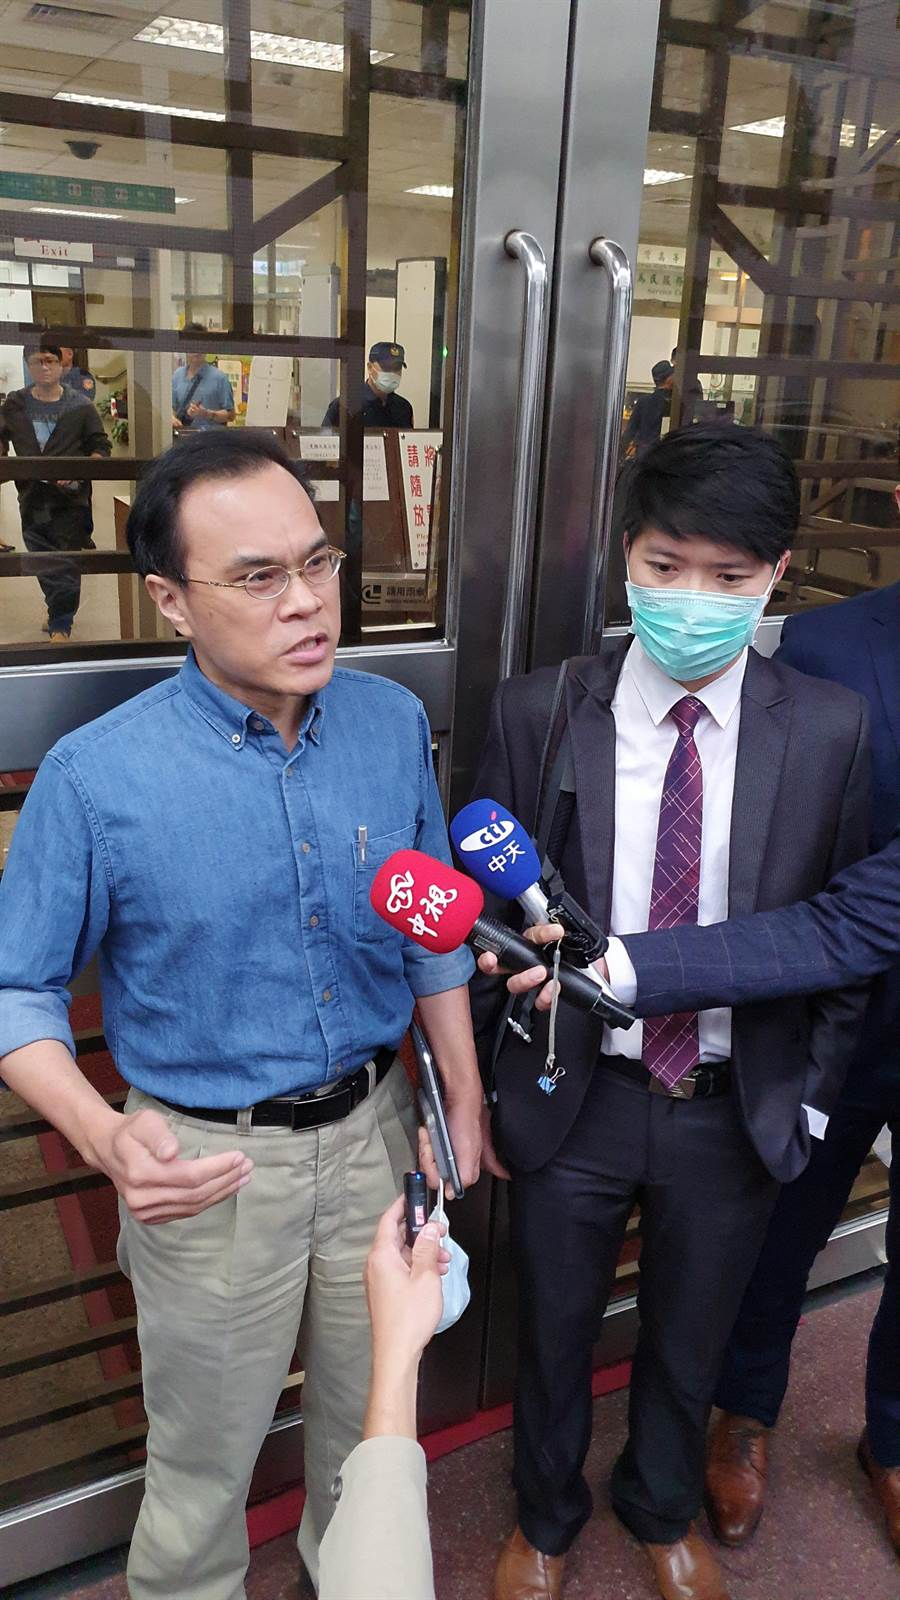 圖左,劍青檢改成員林達到庭旁聽 ,聲援遭彈劾的檢察官陳隆翔(圖右)林偉信攝